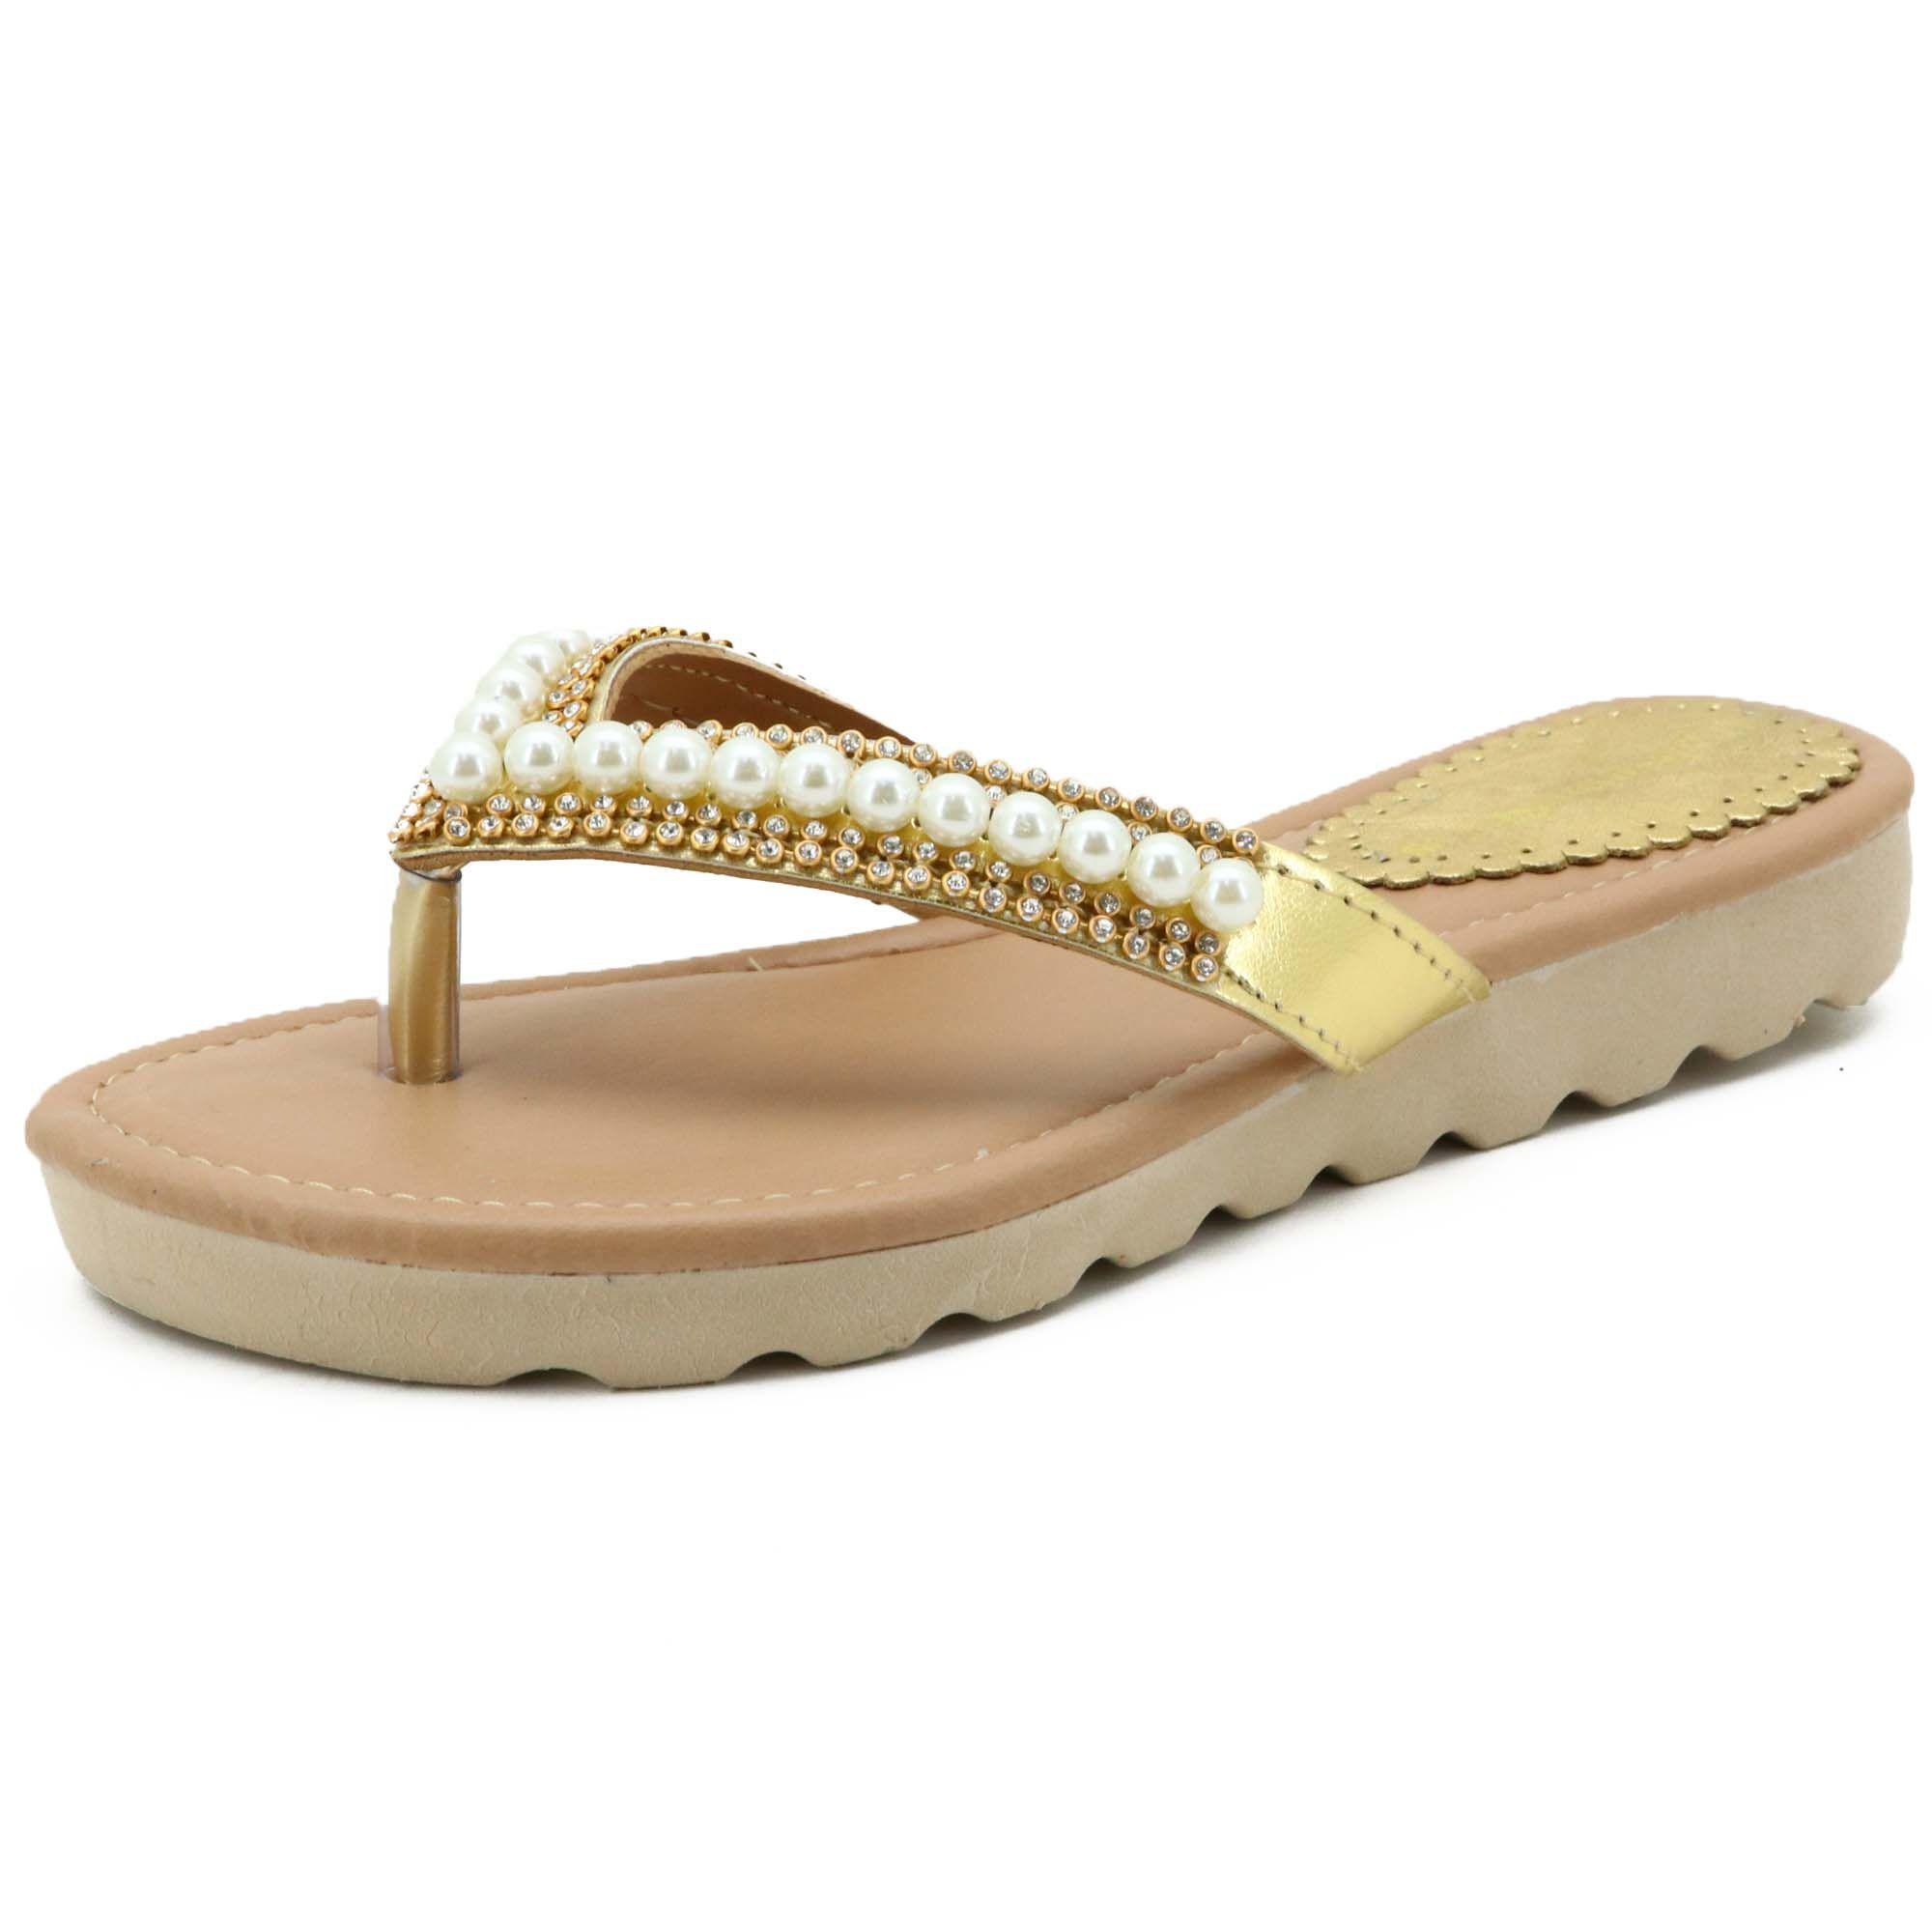 Sandália feminina de dedo dourada com metais em couro